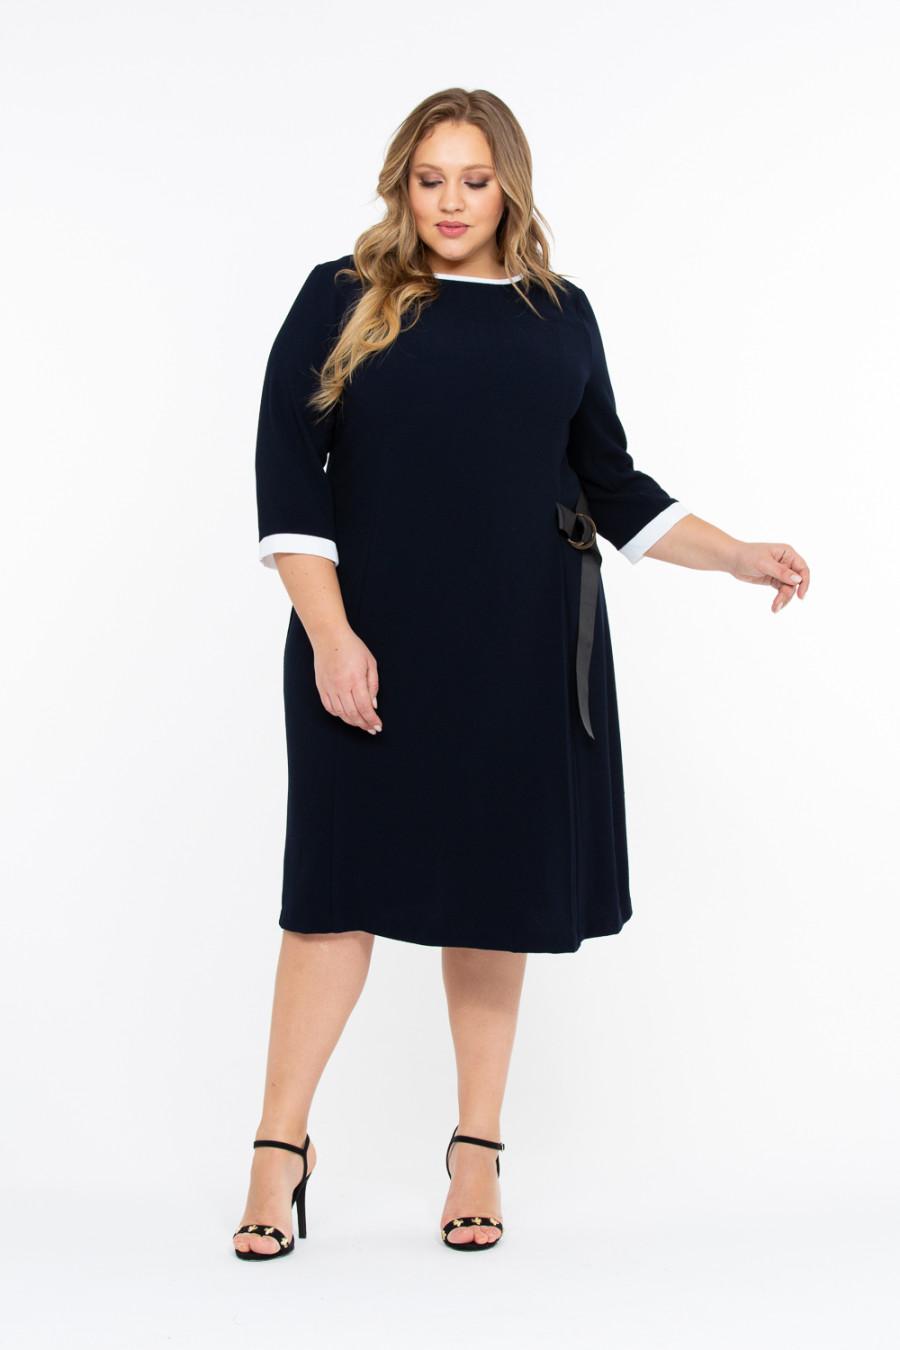 Модные Платья 2021 Женские Для Полных Женщин